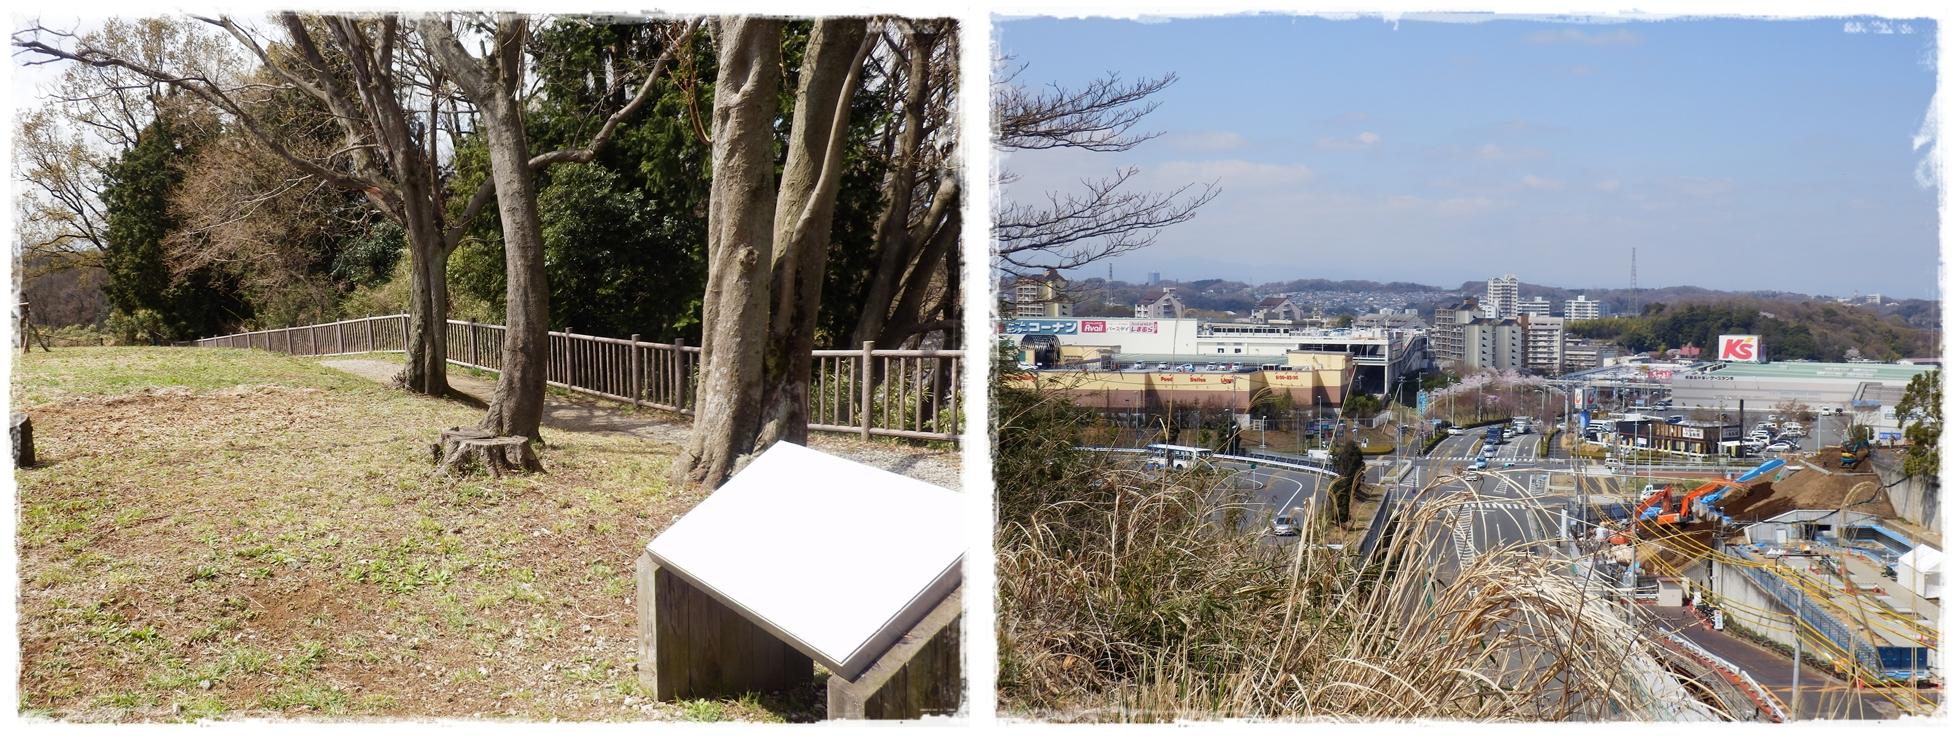 横山の道6-horz